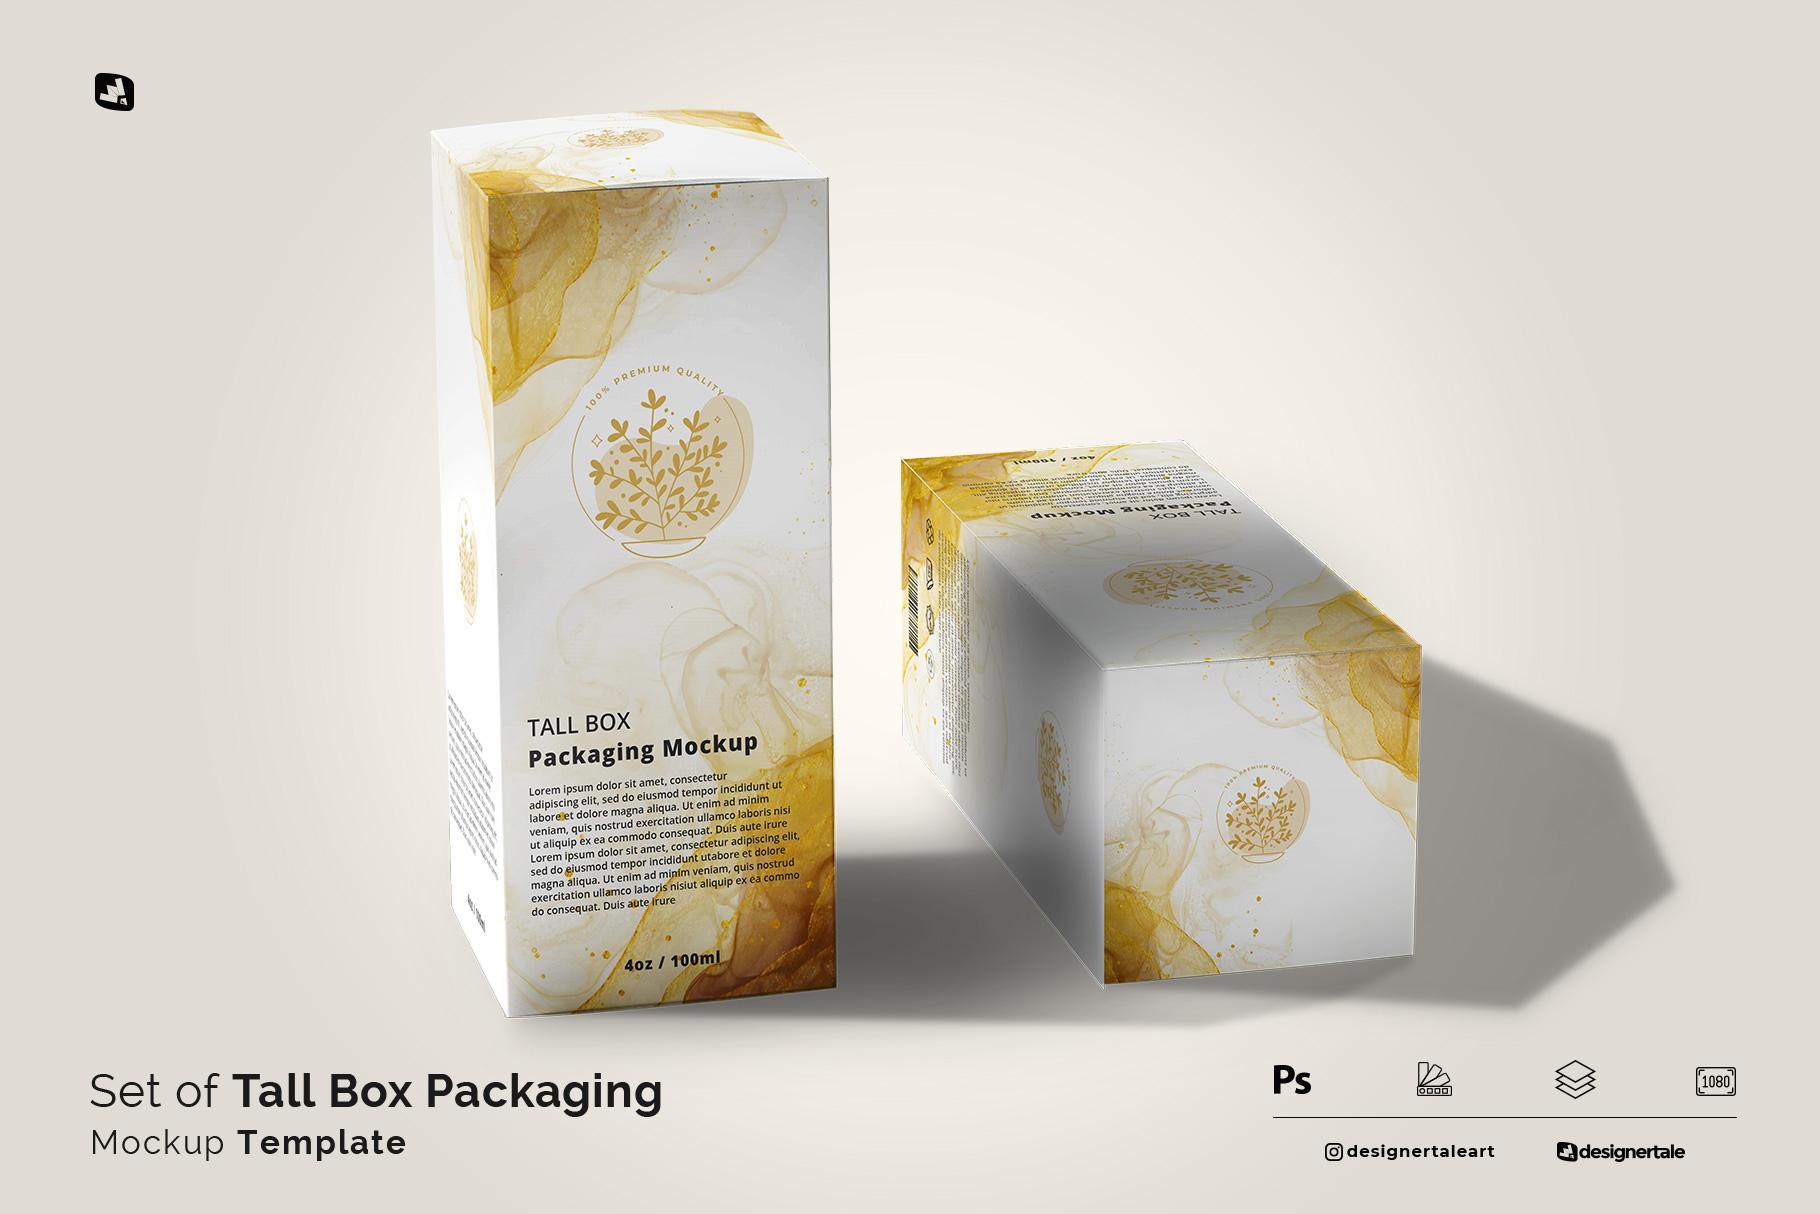 set of tall box packaging mockup